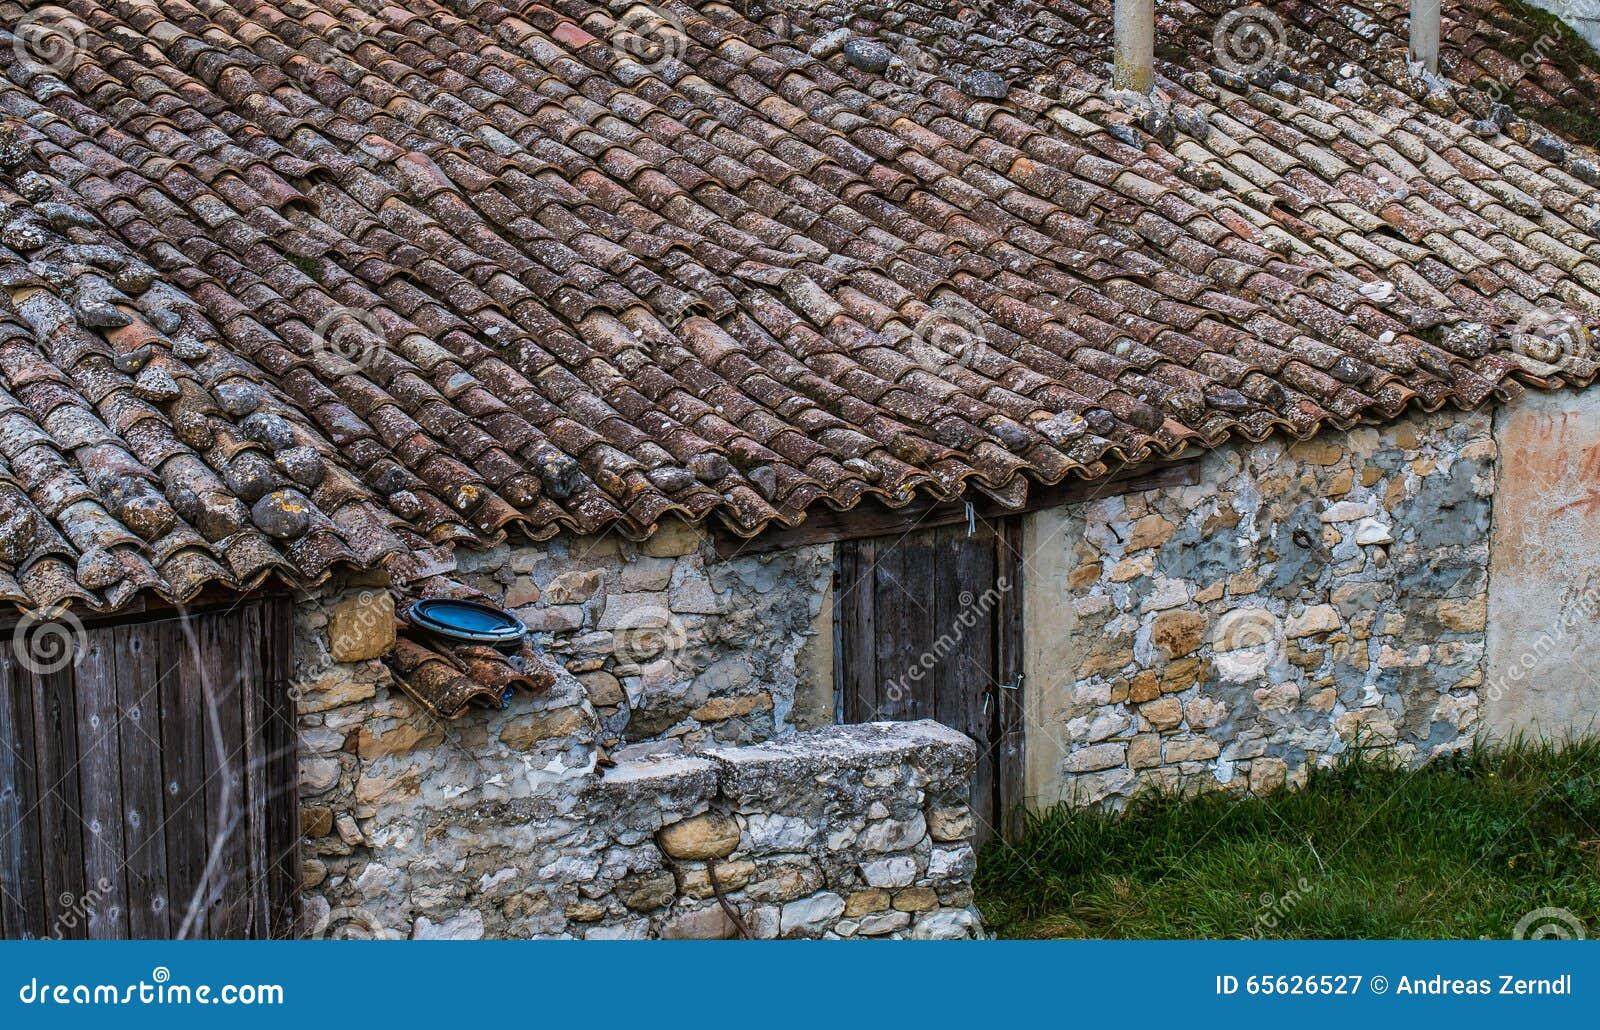 Dessus de toit de la hutte en pierre, Sicile, Italie